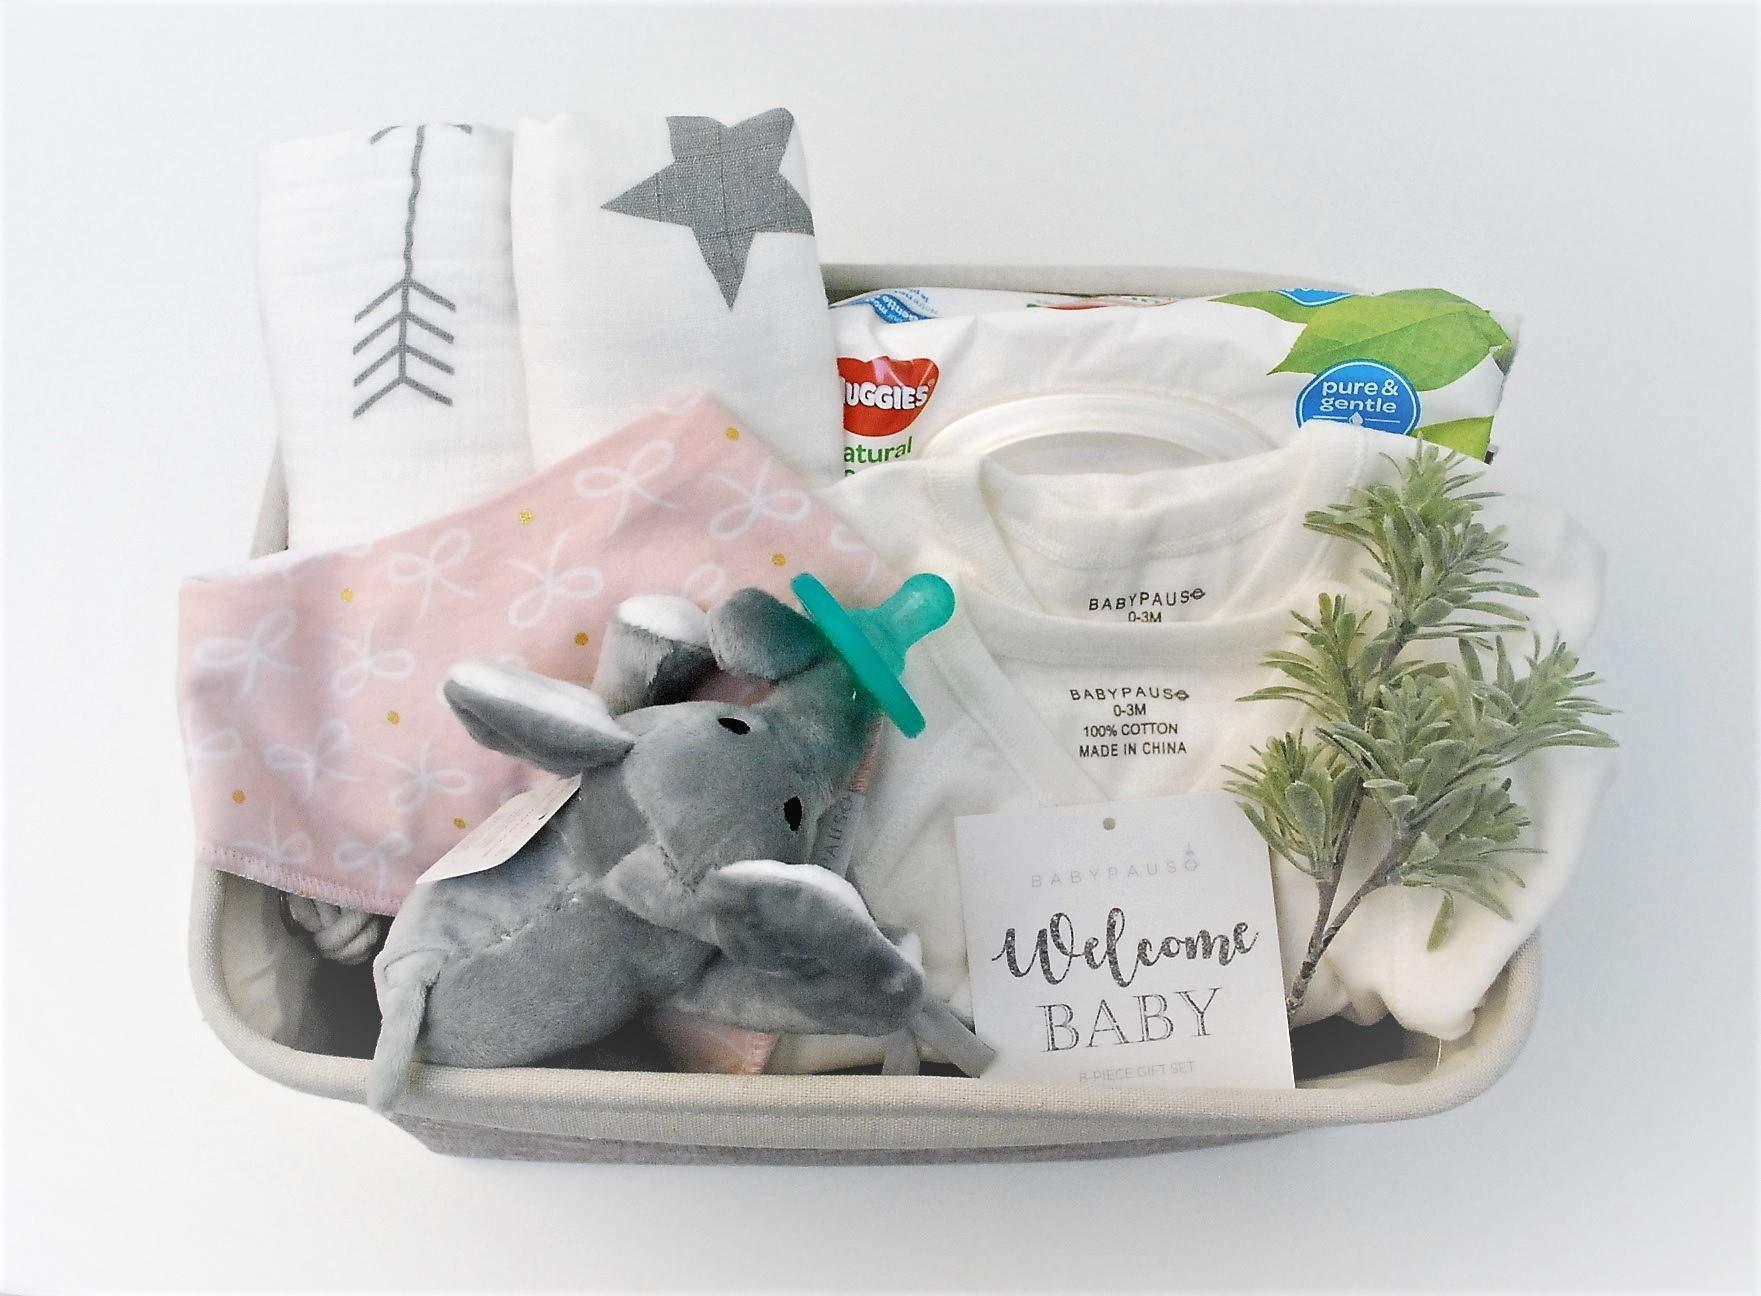 8 Piece Baby Girl Shower Gift Basket Set - Organic Cotton Bamboo Muslin Swaddle, Plush Animal Pacifier, Kimono Onesie Bodysuit, Multipurpose Diaper Basket, Bandana Bib - Pink Ribbons